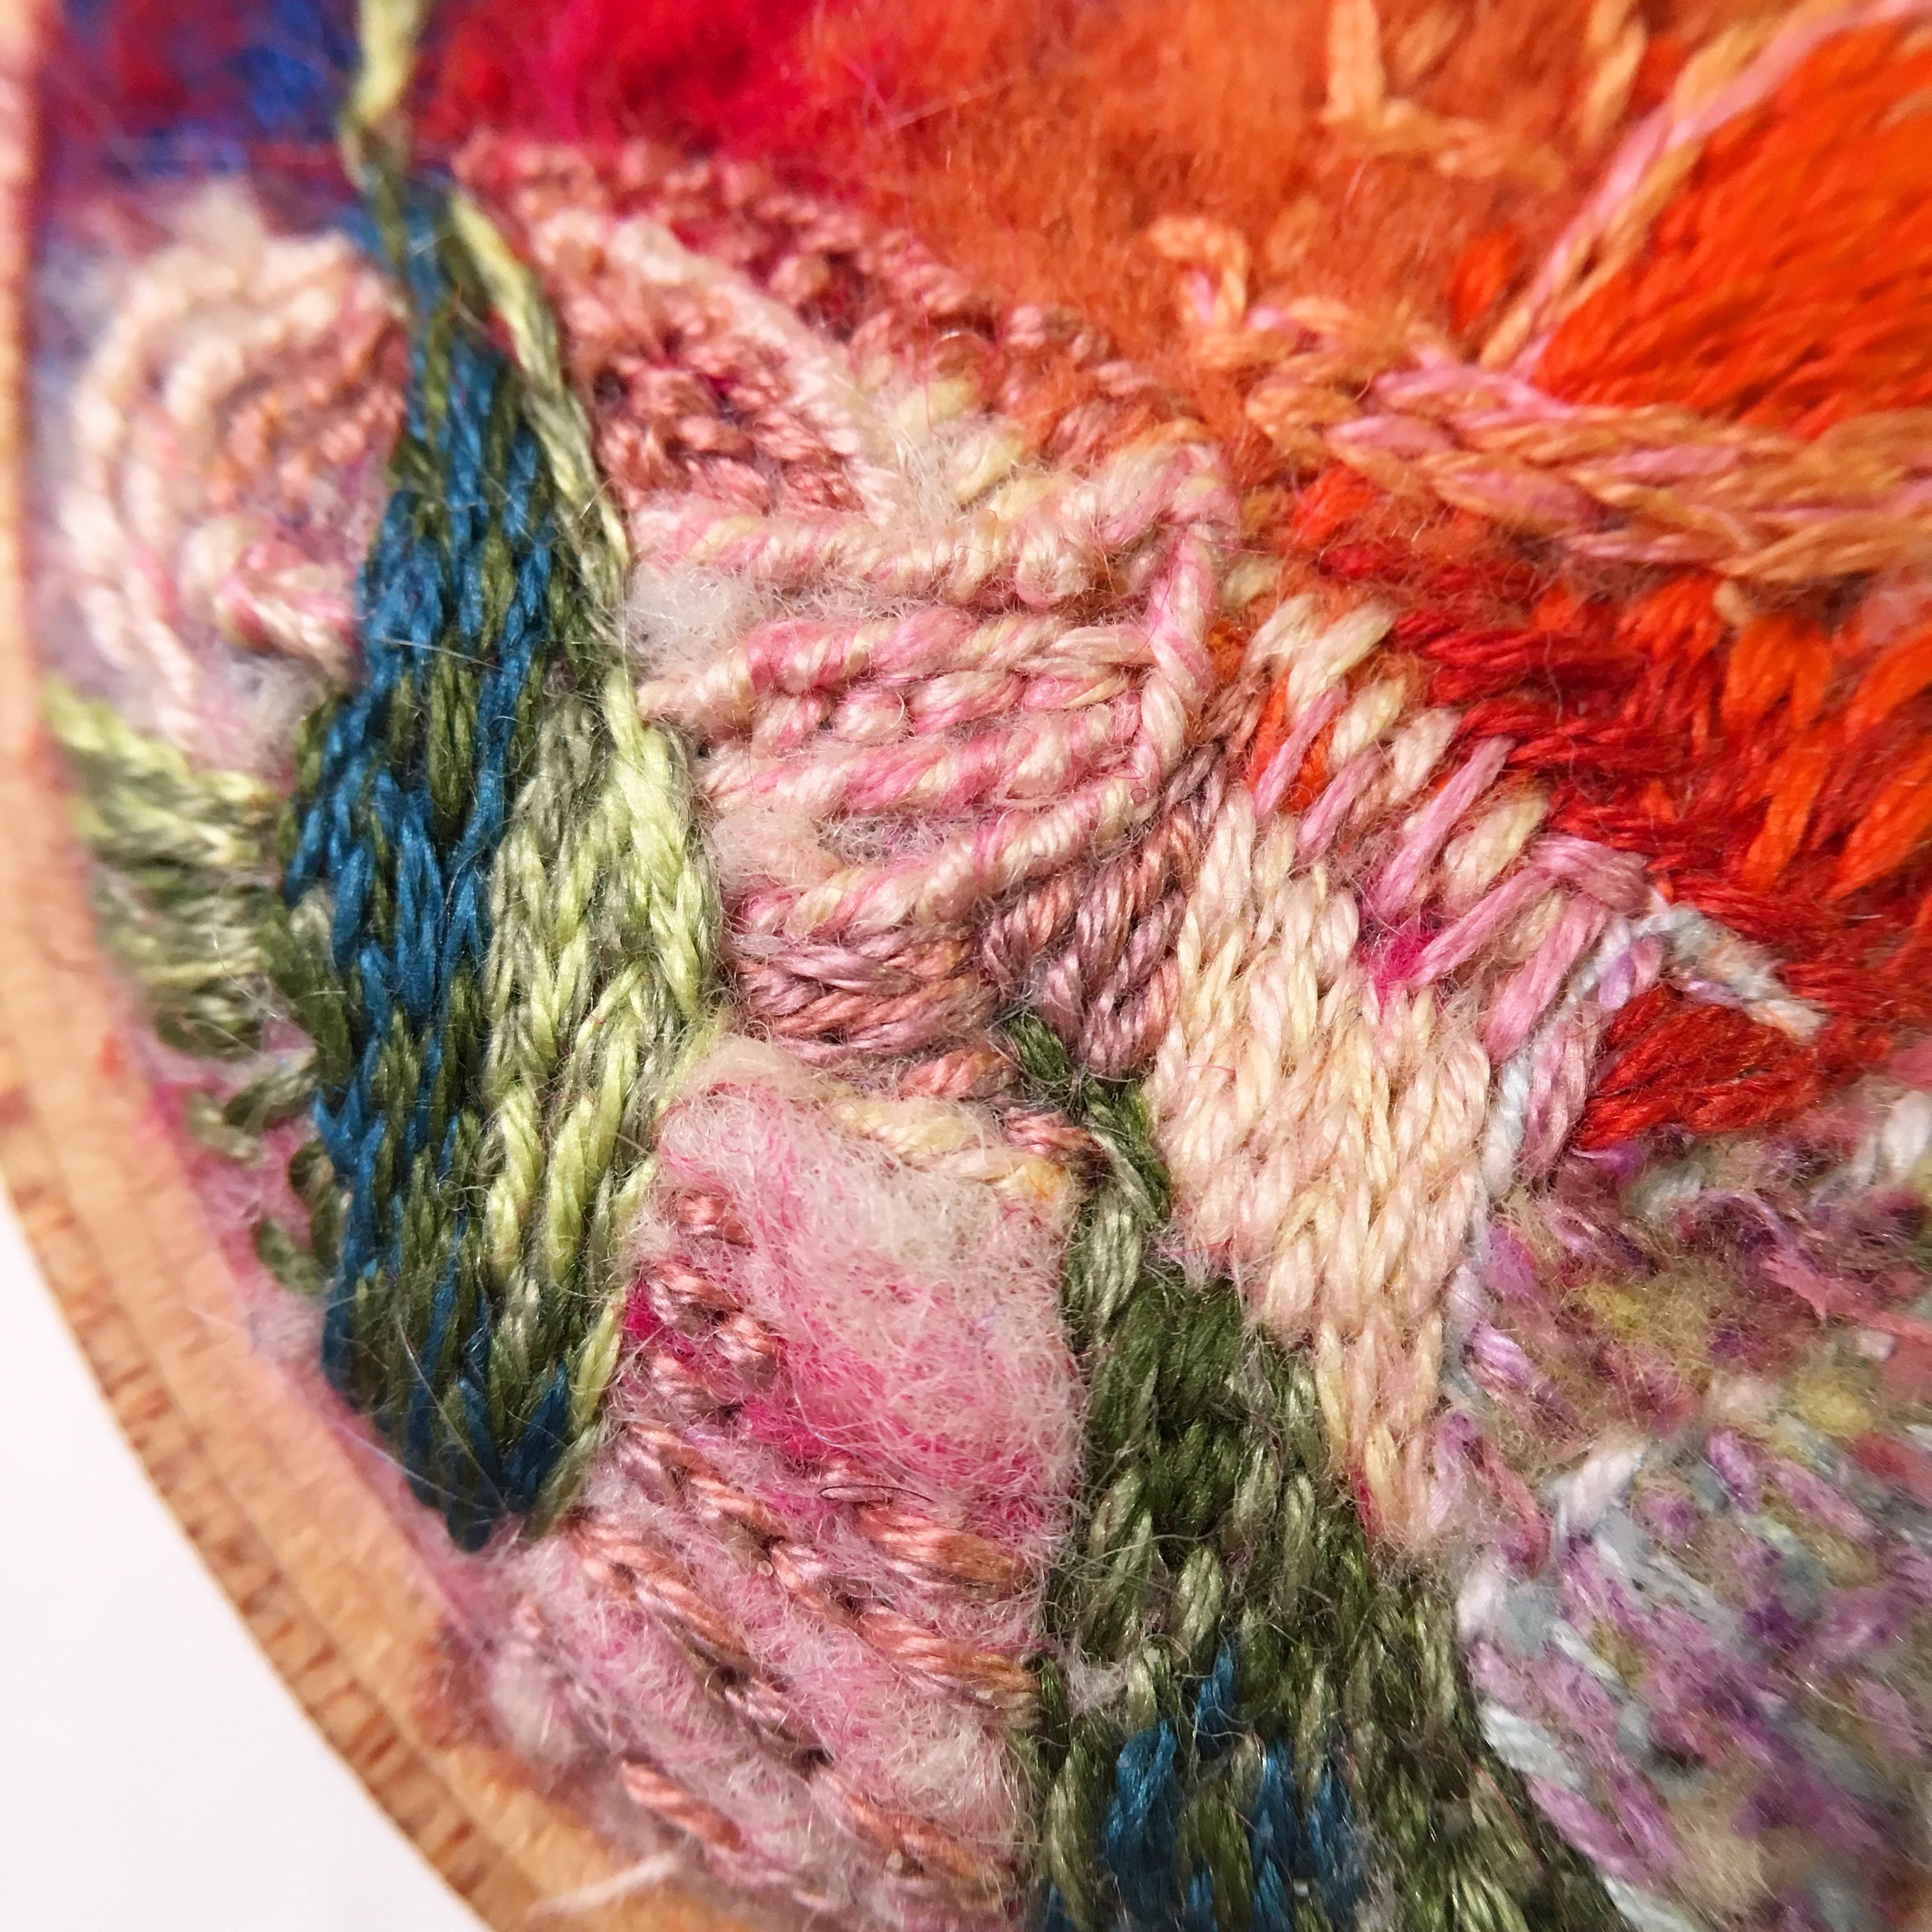 Rosarium I - Detail